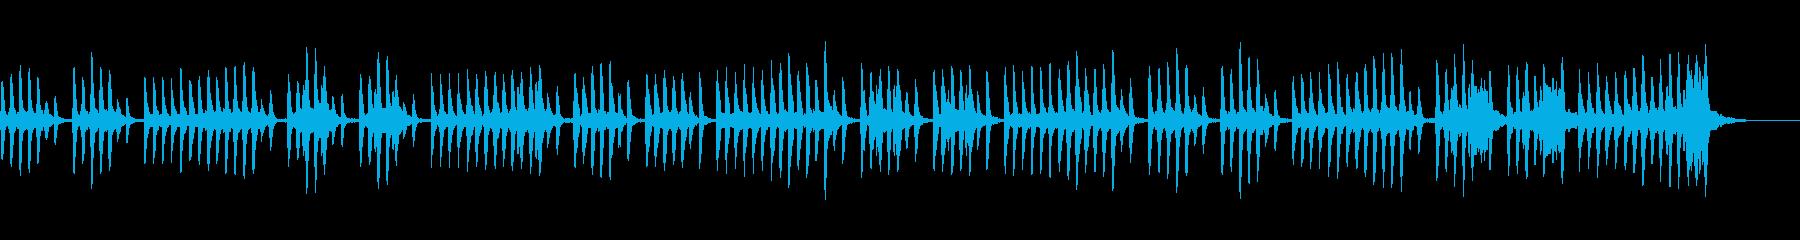 ヘンなのに可愛いほのぼのとしたマリンバの再生済みの波形